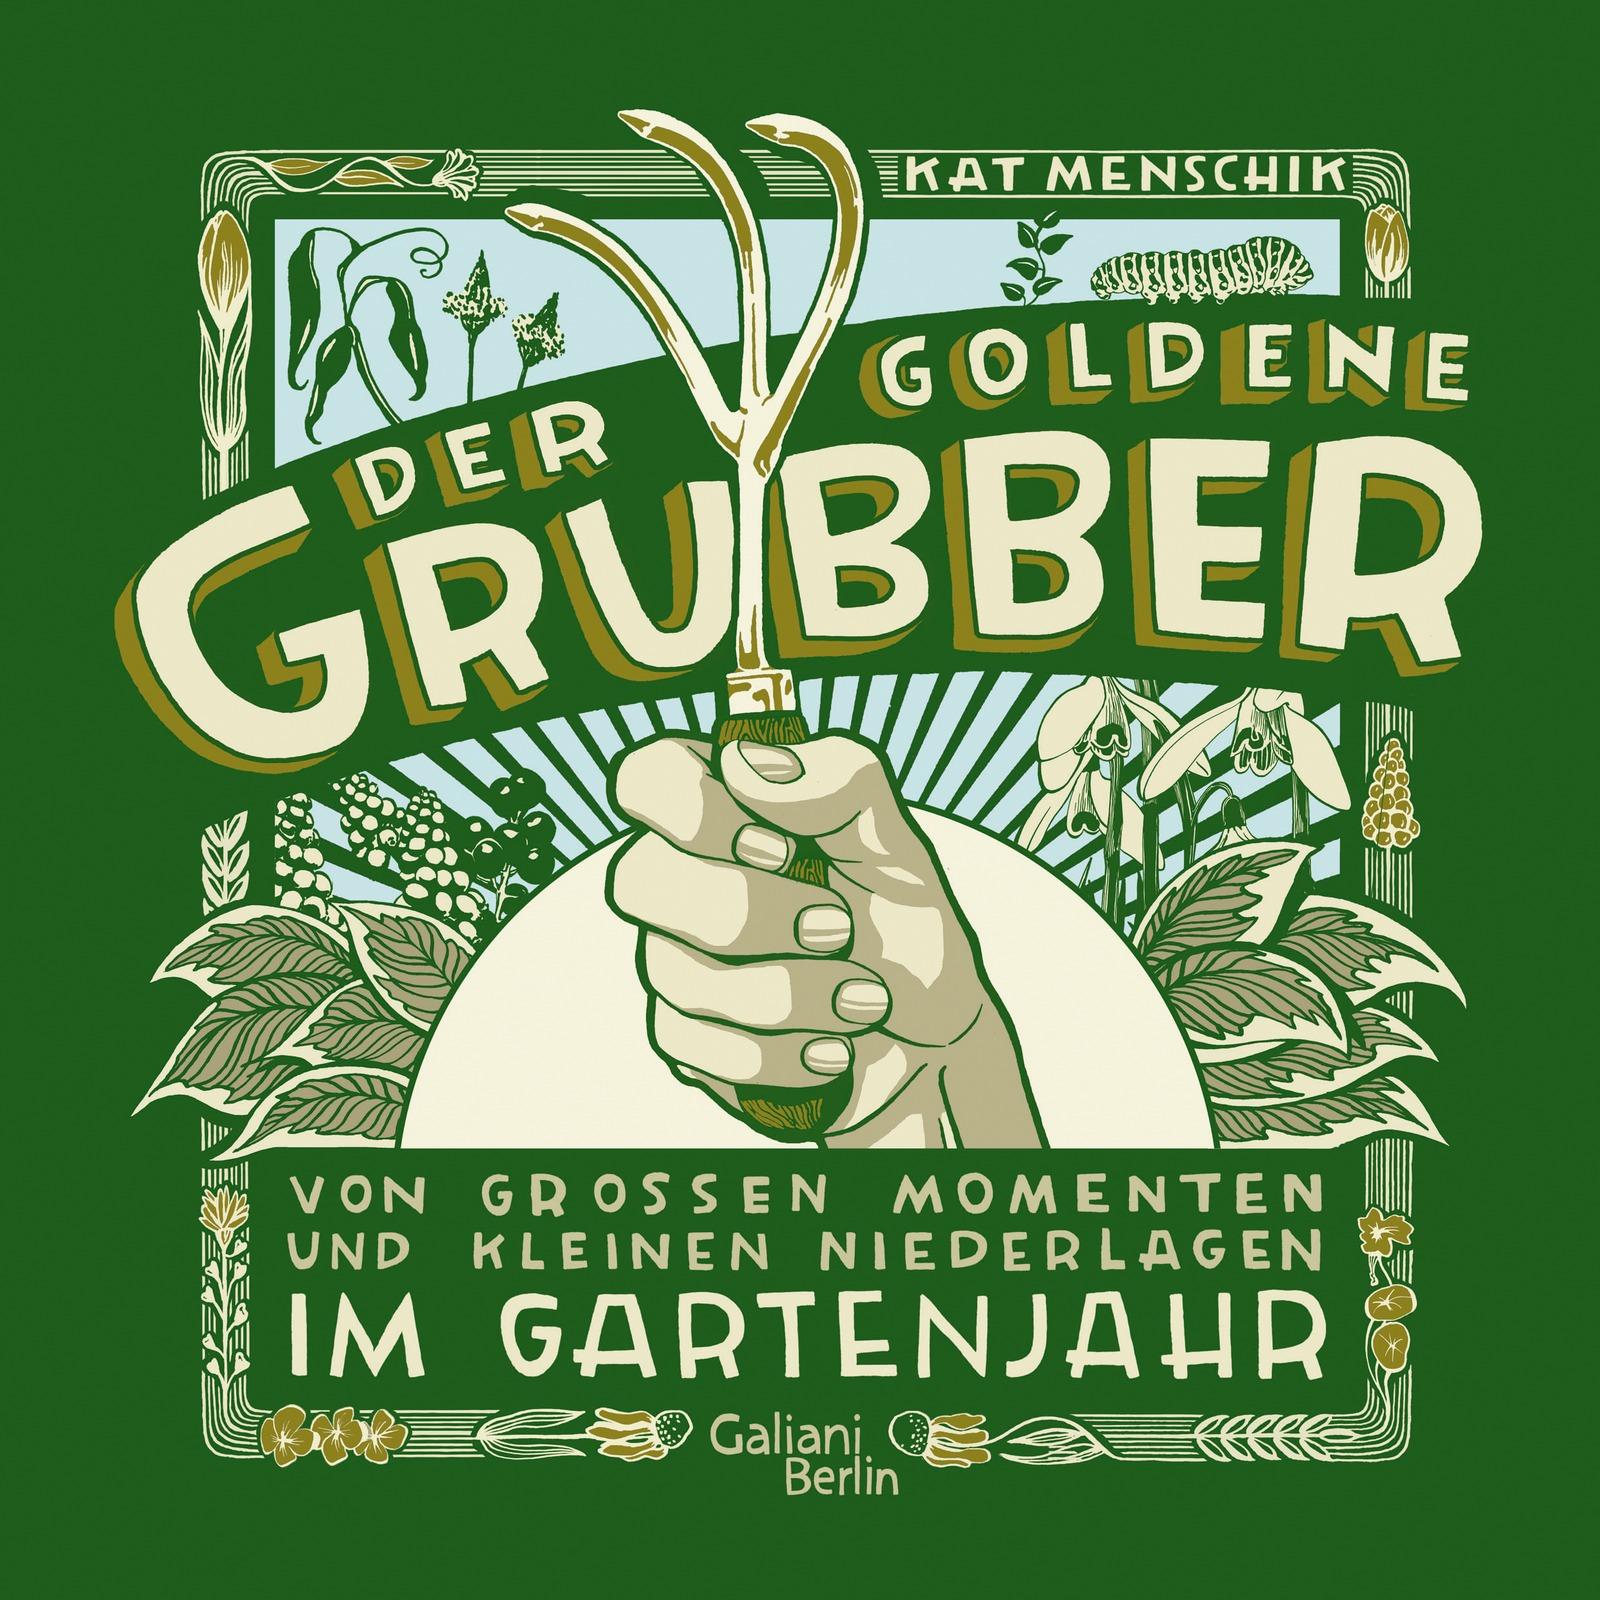 »DER GOLDENE GRUBBER - SONDERAUSGABE« — GALIANI